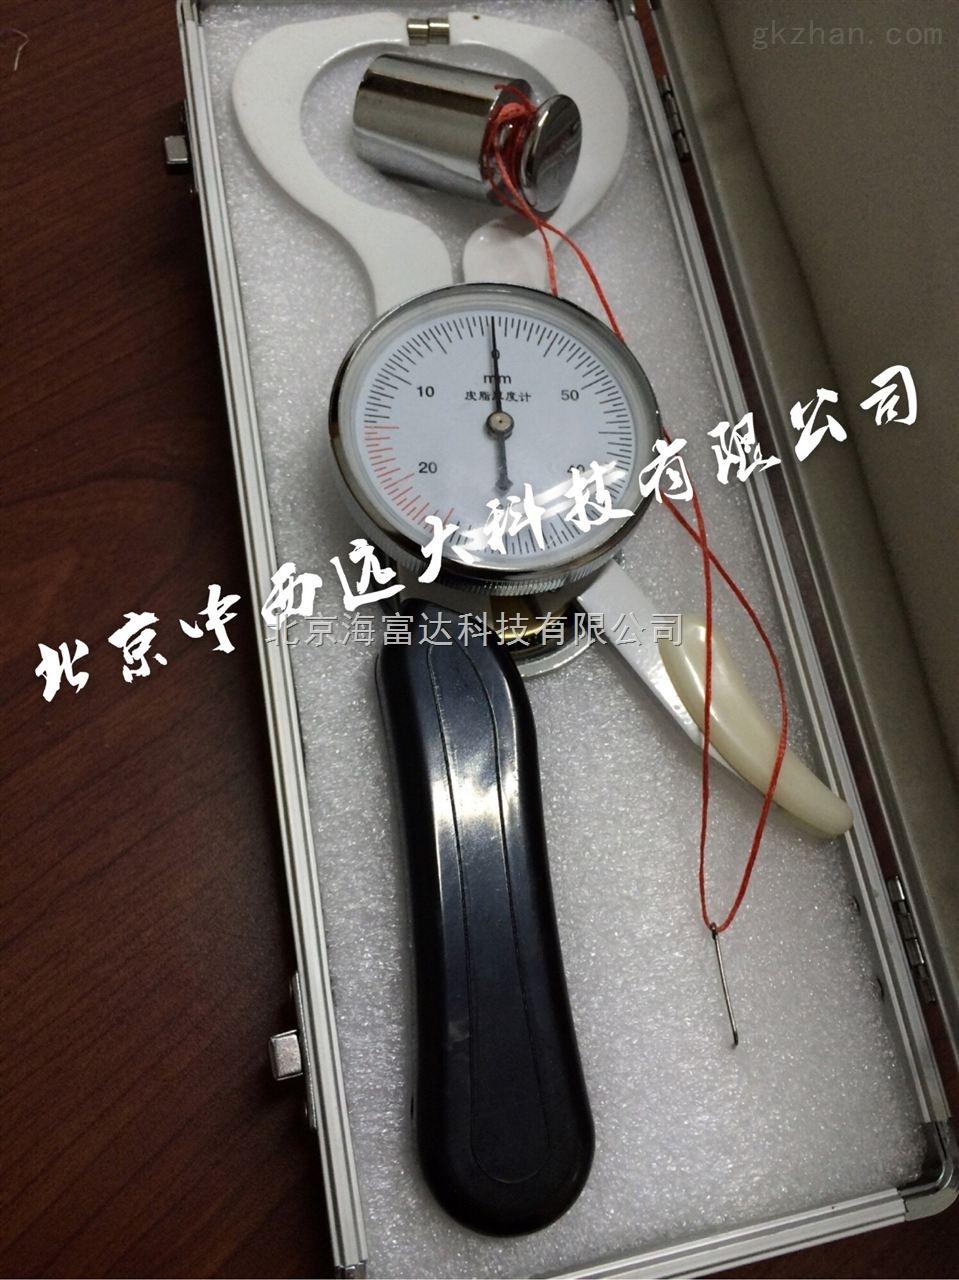 皮褶厚度�/皮脂厚度�(量程60mm)中西器材M380980